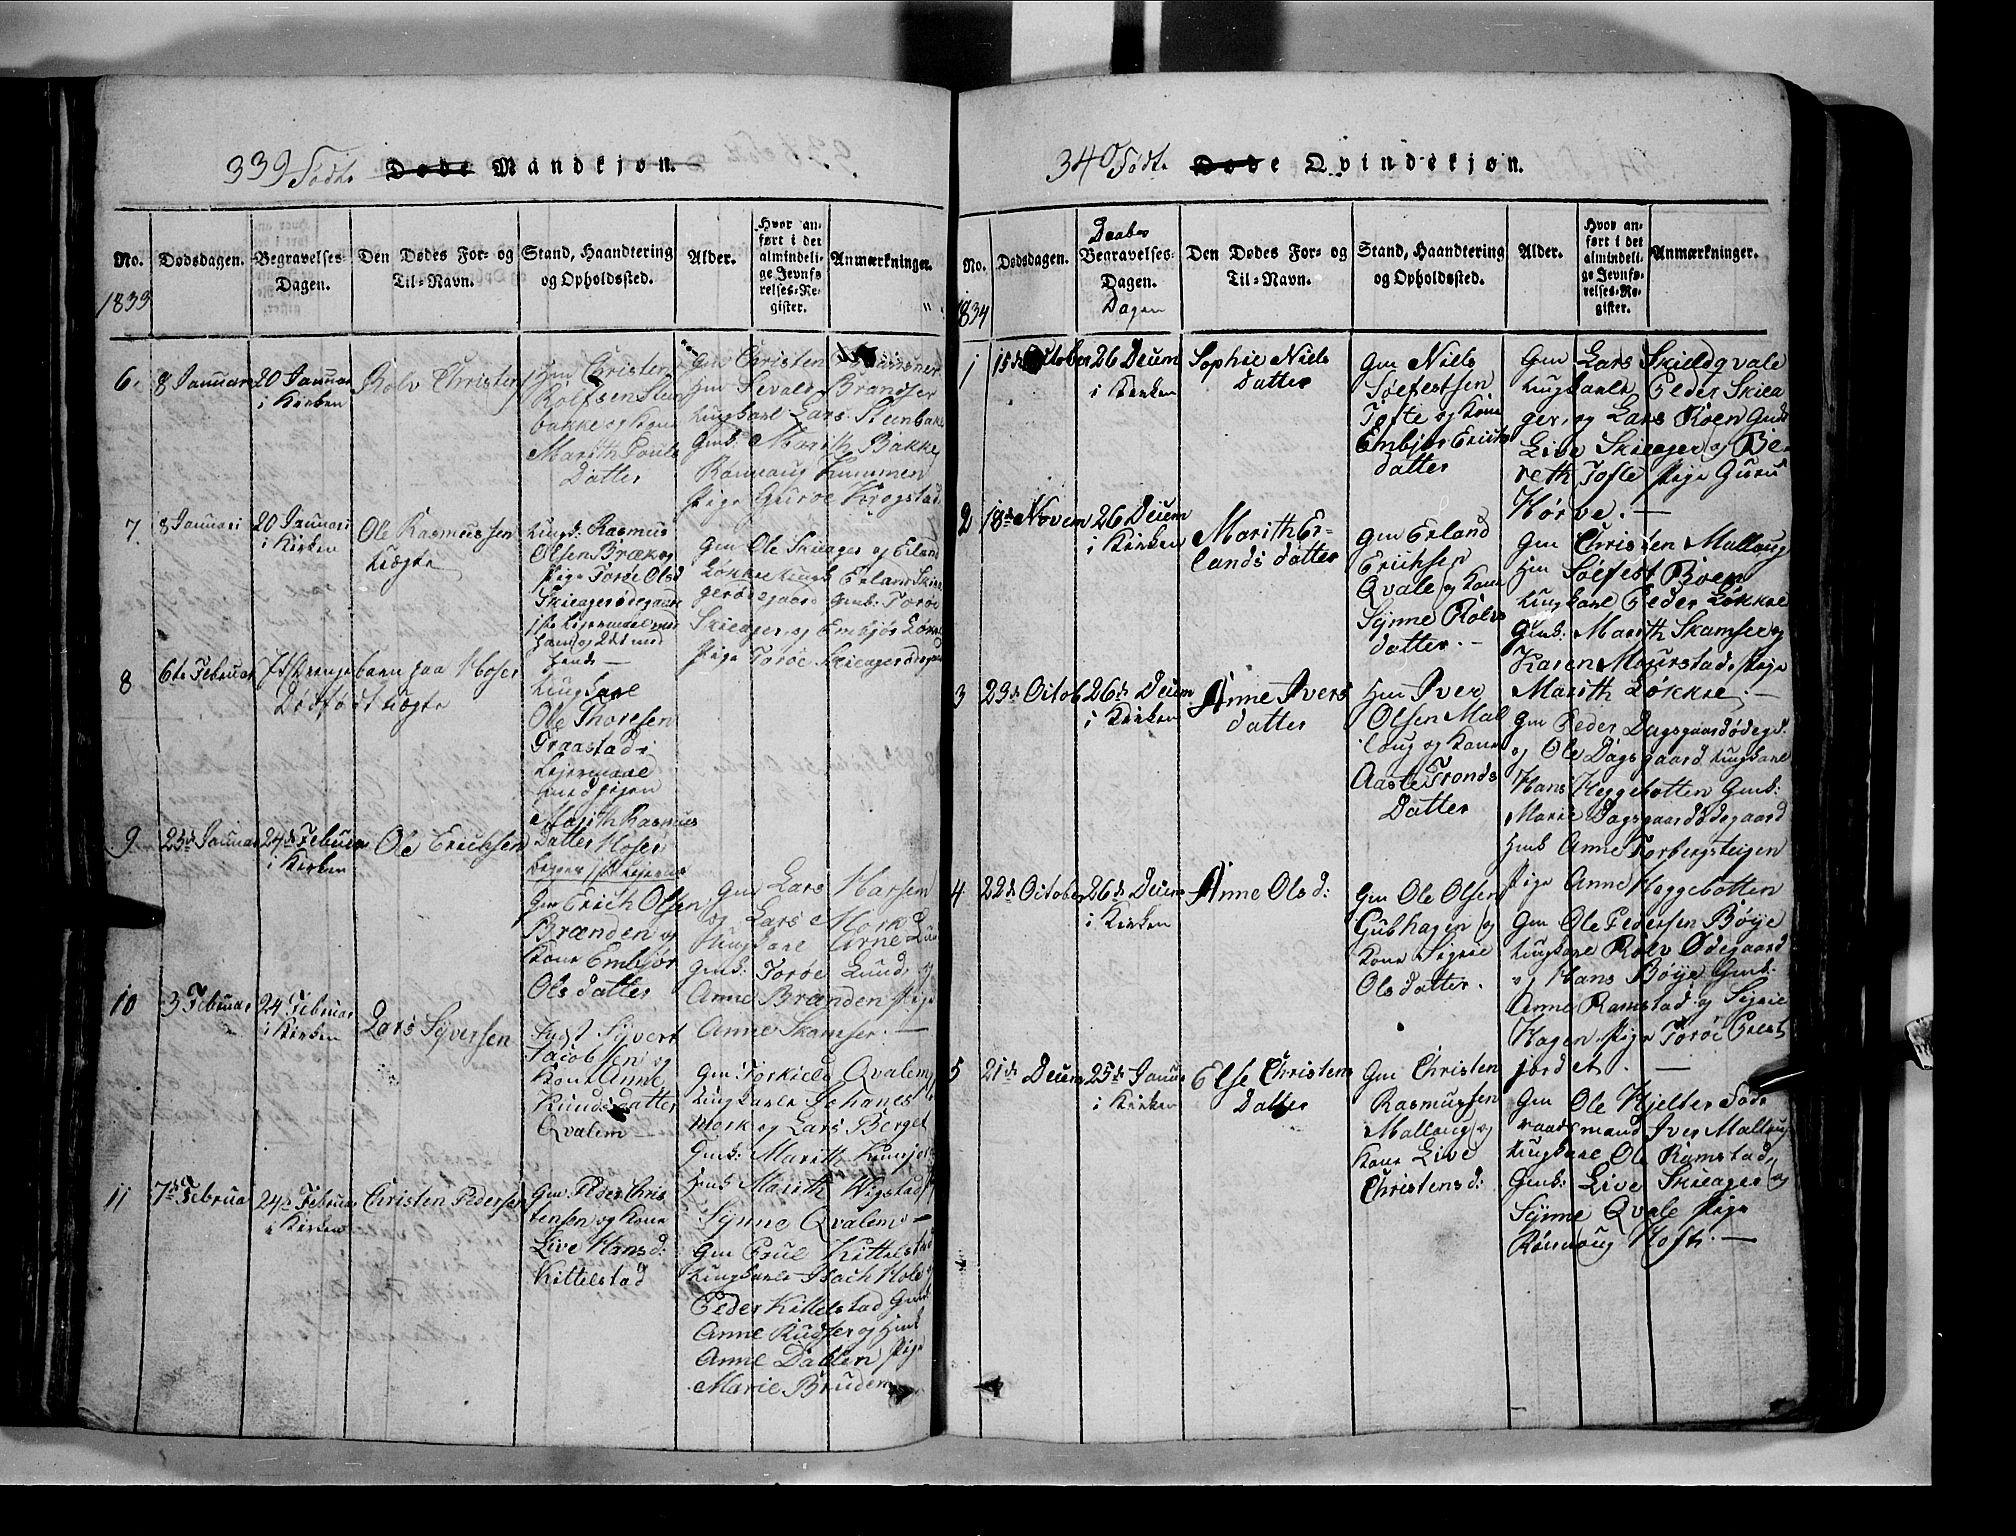 SAH, Lom prestekontor, L/L0003: Klokkerbok nr. 3, 1815-1844, s. 339-340